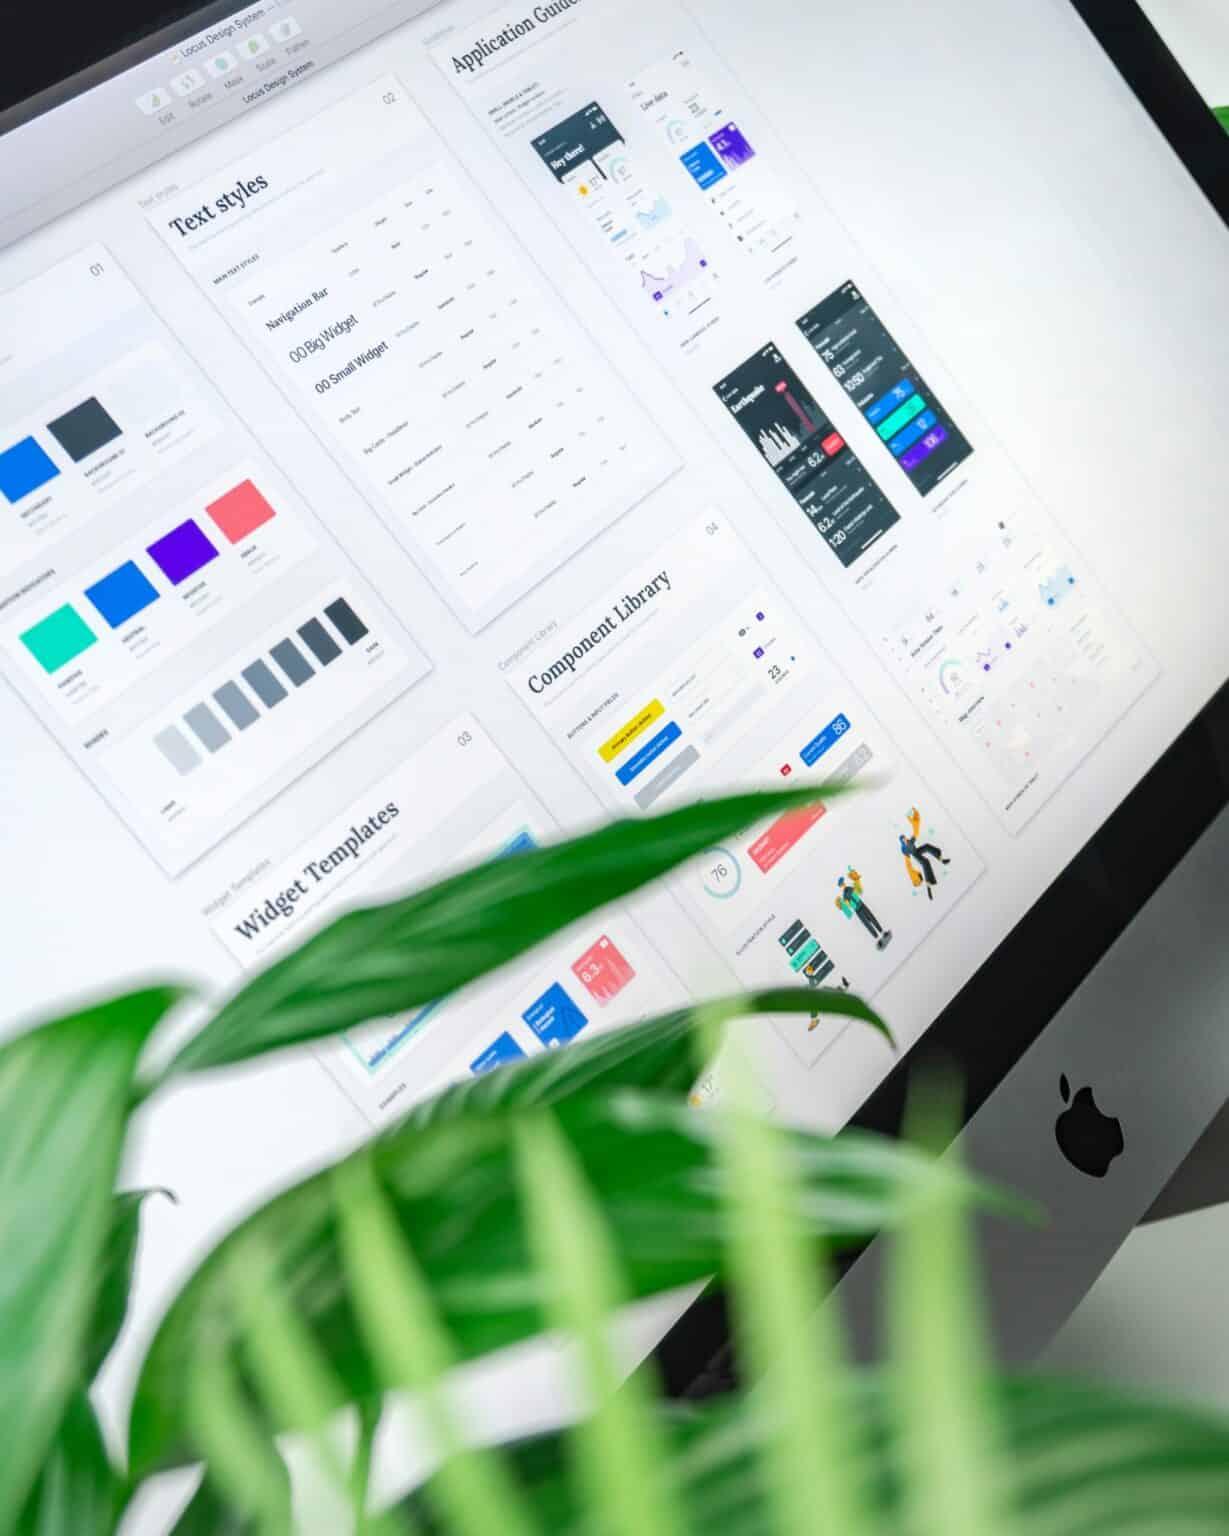 ms-teams-app-image-computer-screen